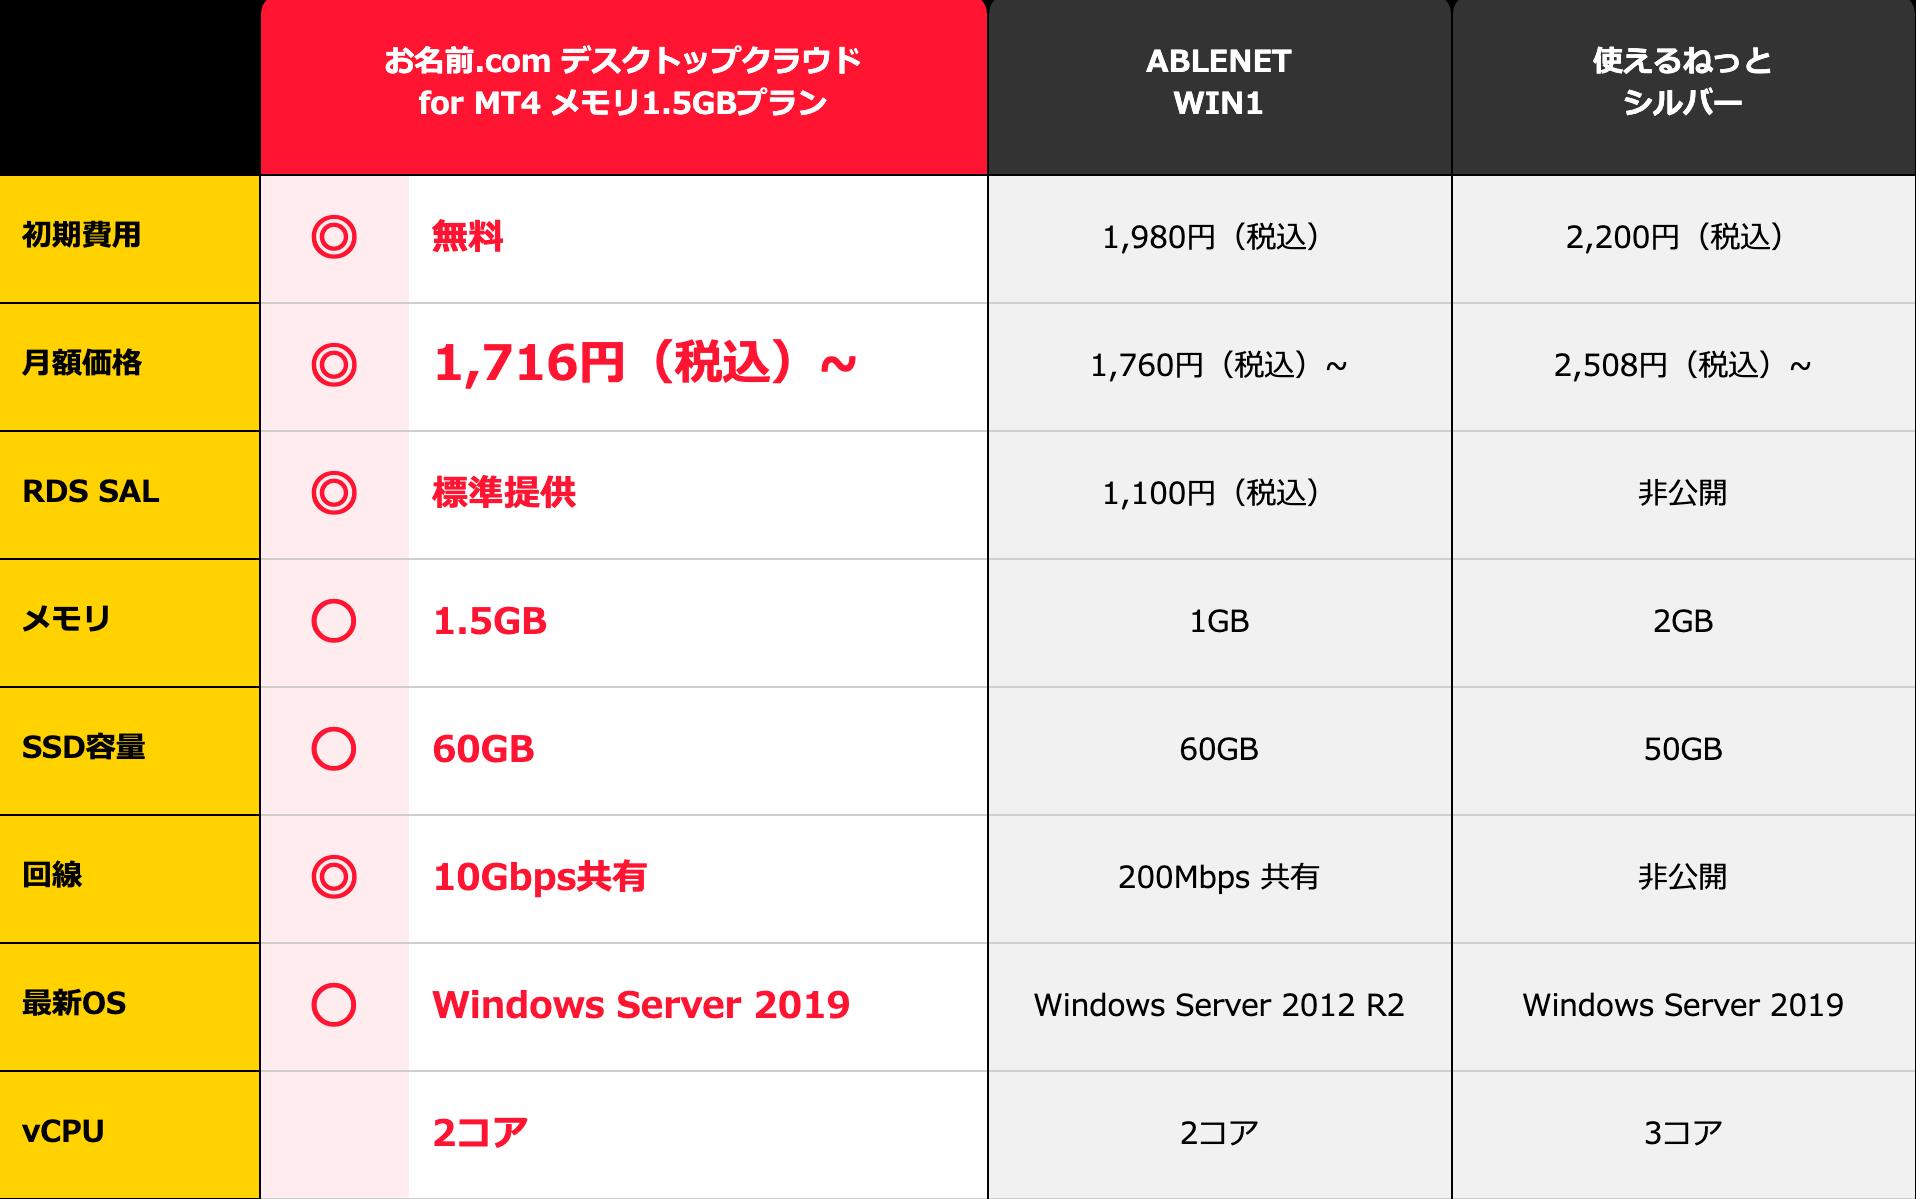 お名前.comデスクトップクラウド 他社との比較